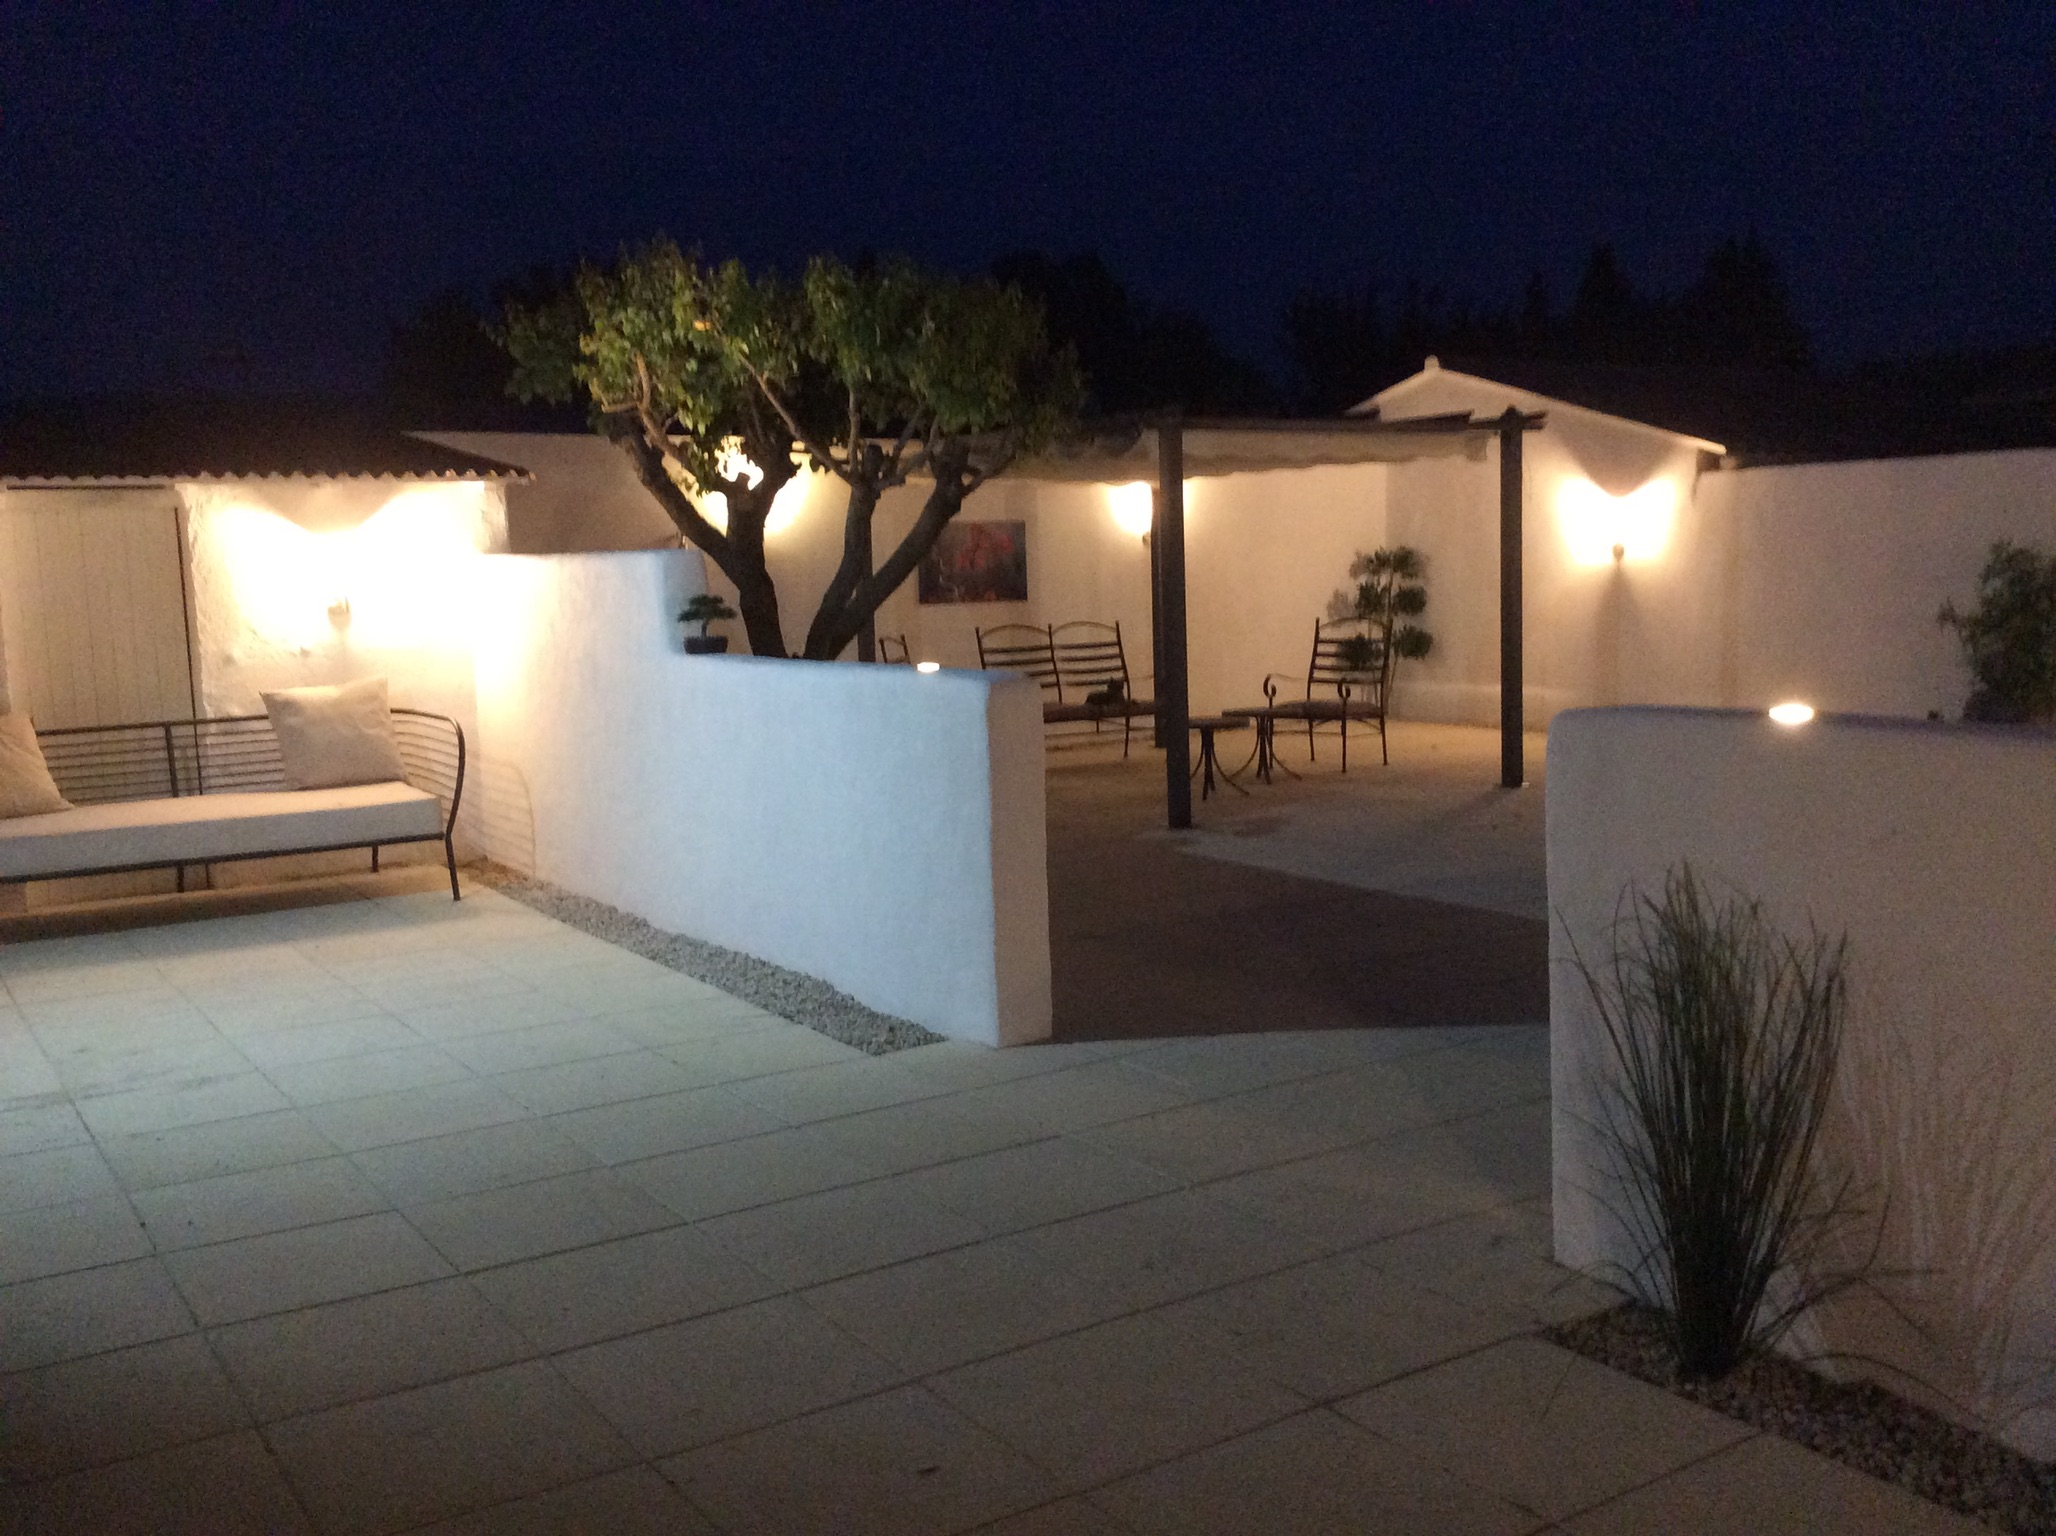 Maison de vacances Villa mit 3 Schlafzimmern in L'Isle-sur-la-Sorgue mit privatem Pool, möblierter Terrasse u (2208394), L'Isle sur la Sorgue, Vaucluse, Provence - Alpes - Côte d'Azur, France, image 5